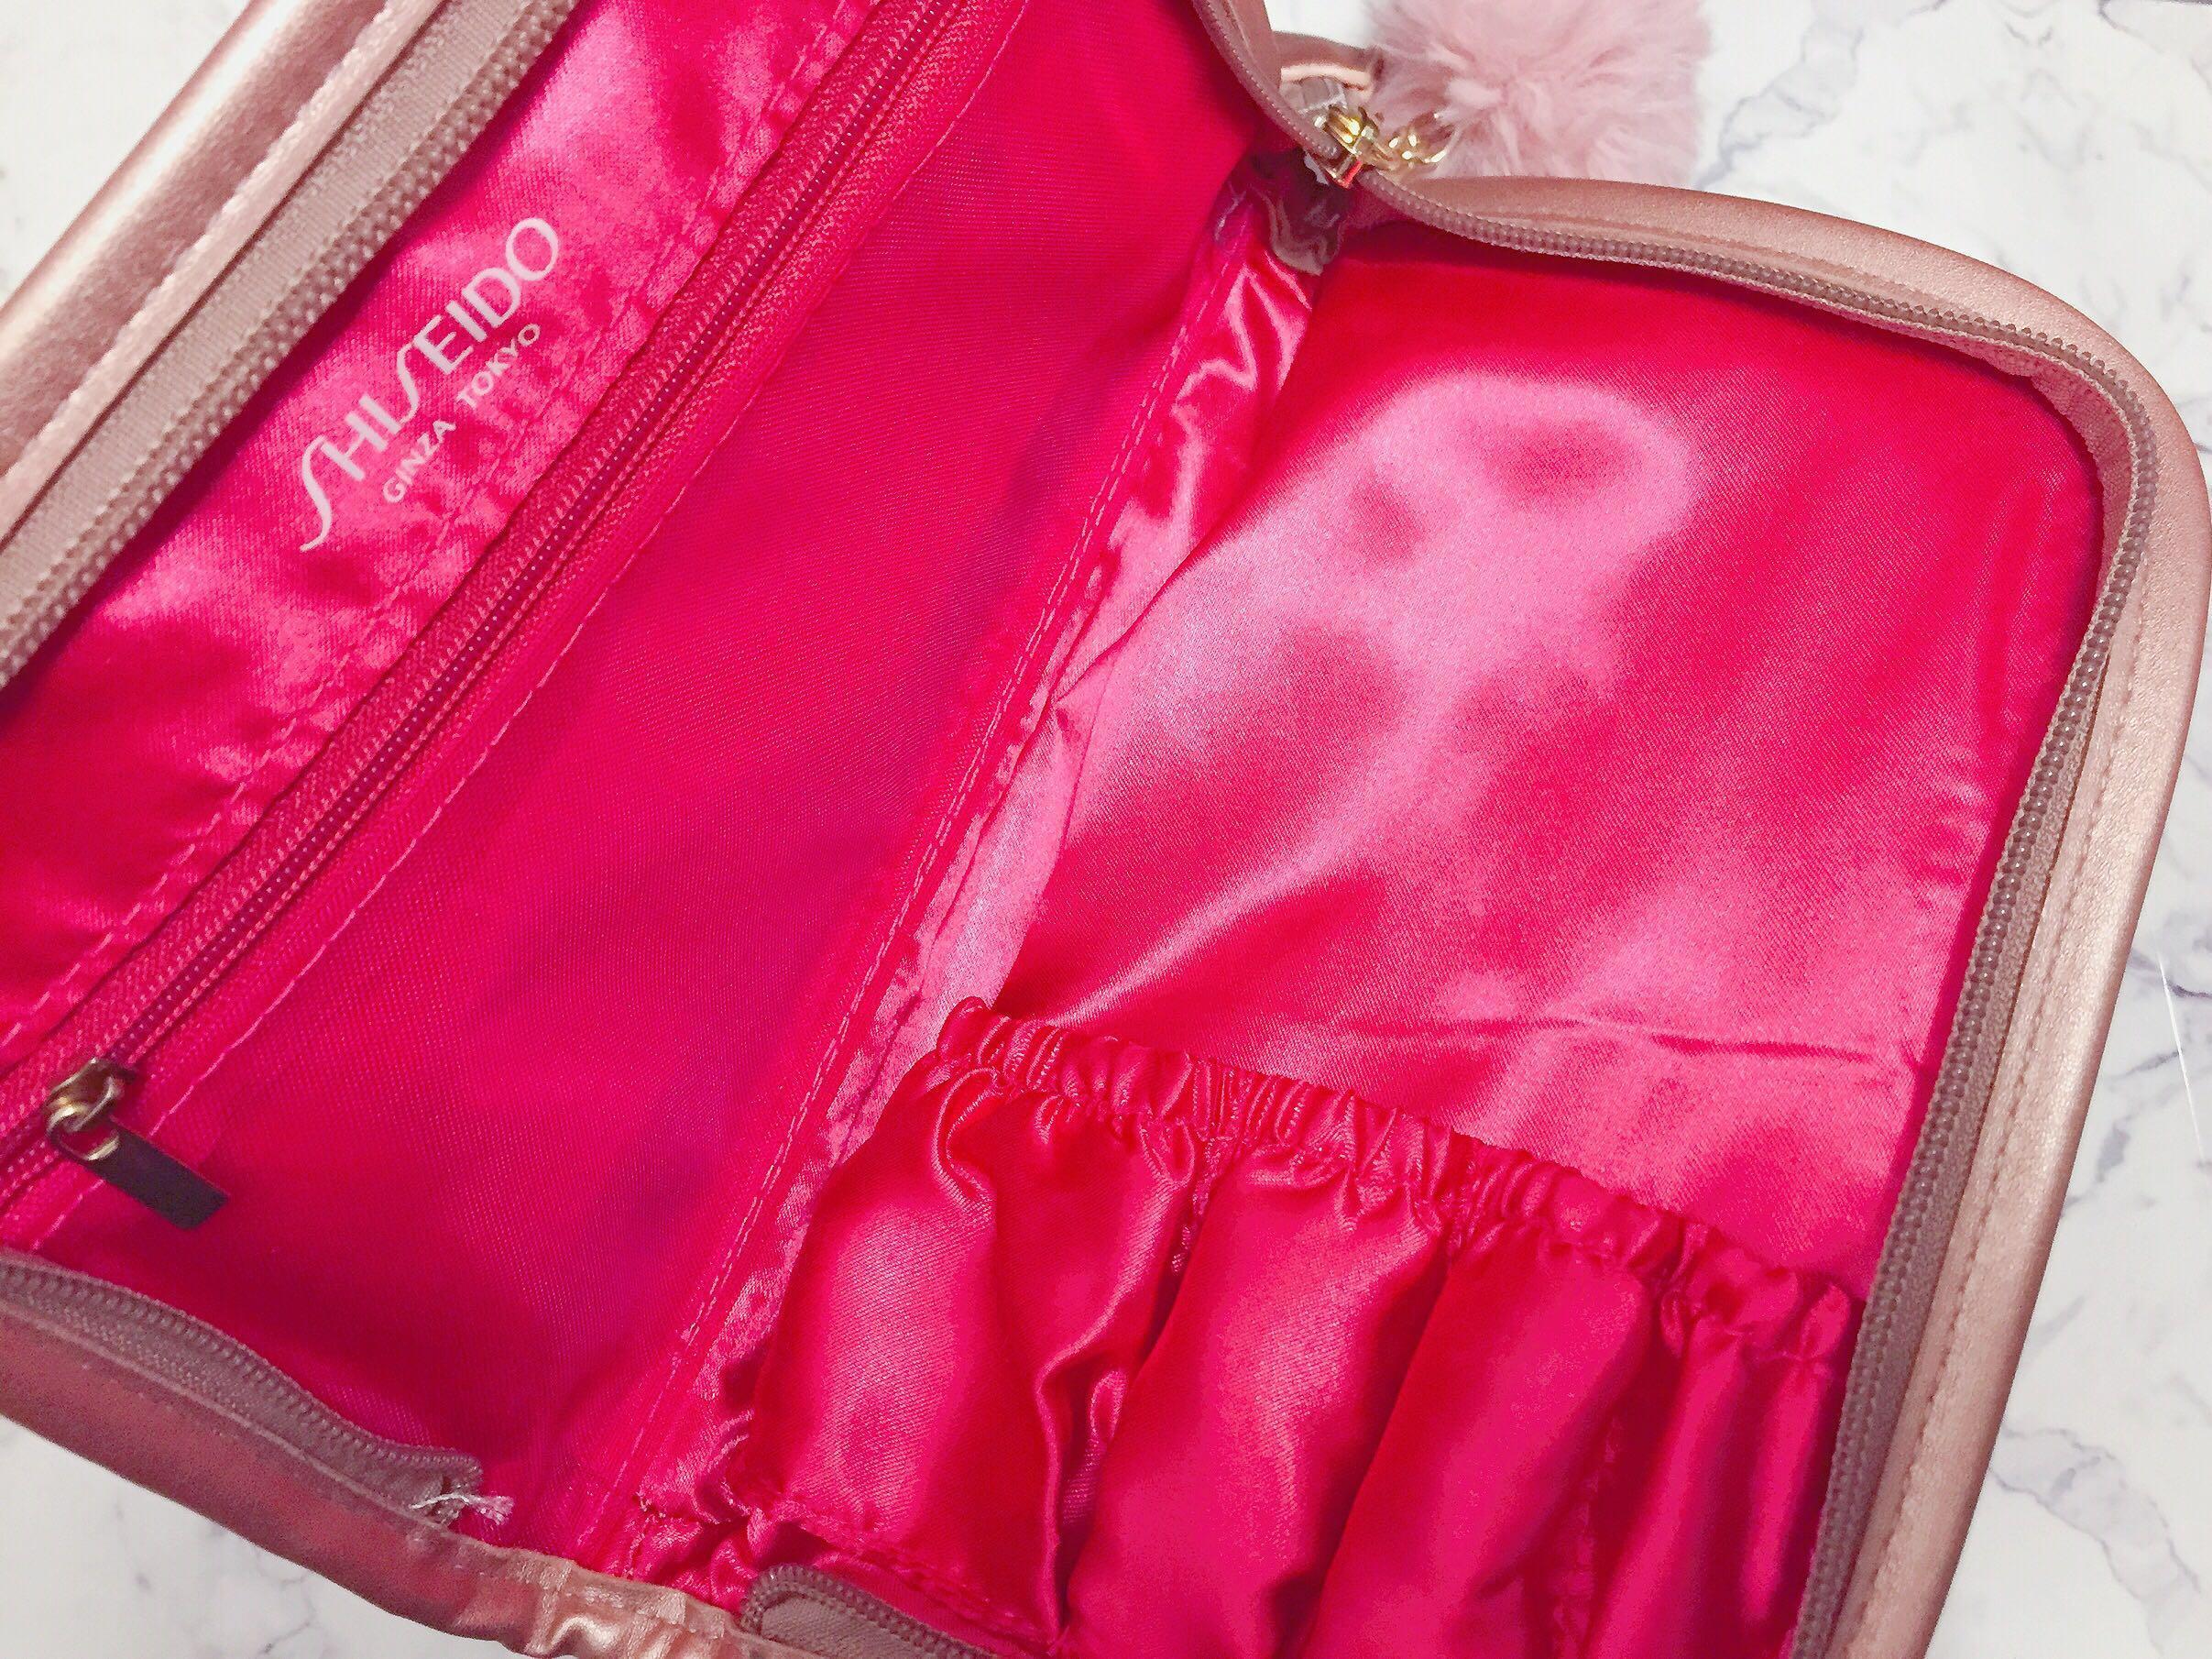 資生堂國際櫃質感刷具收納化妝包